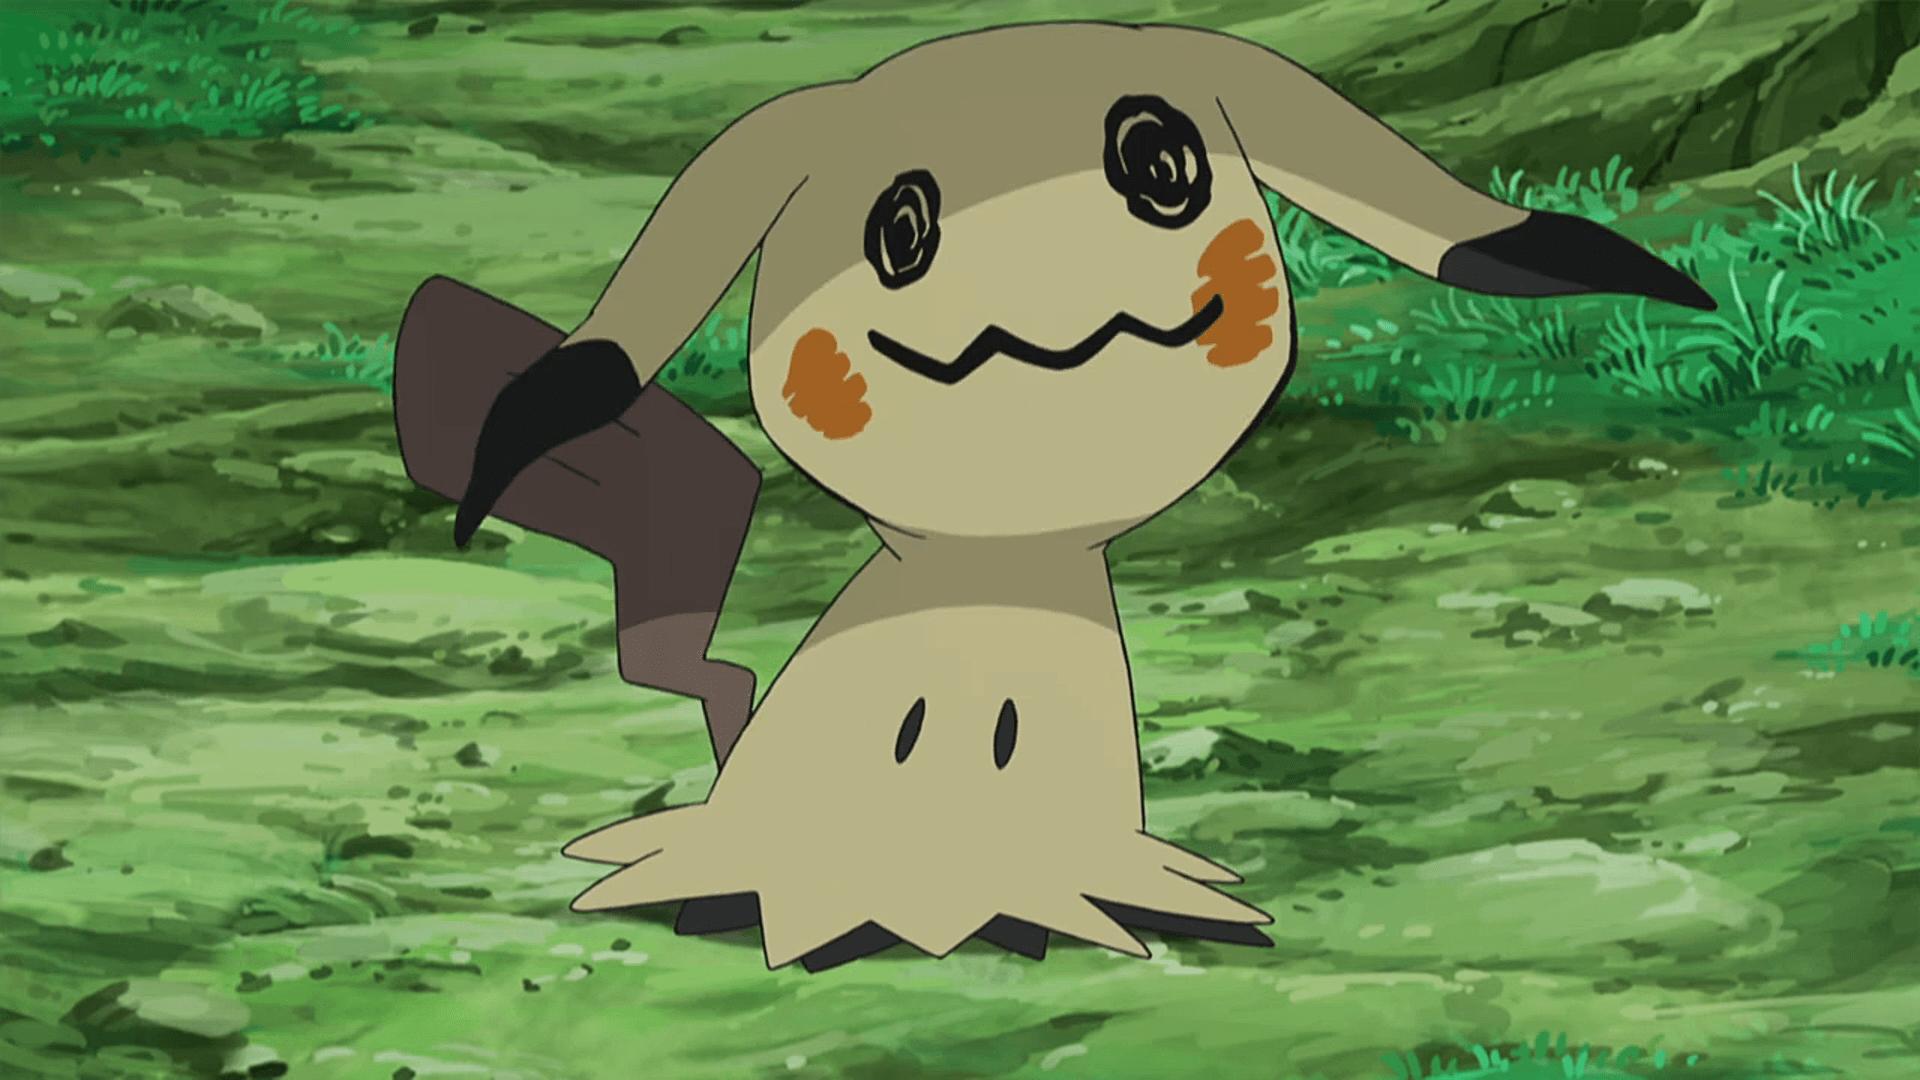 Ghostctrl Un Très Dangereux Malware Se Fait Passer Pour Pokémon Go